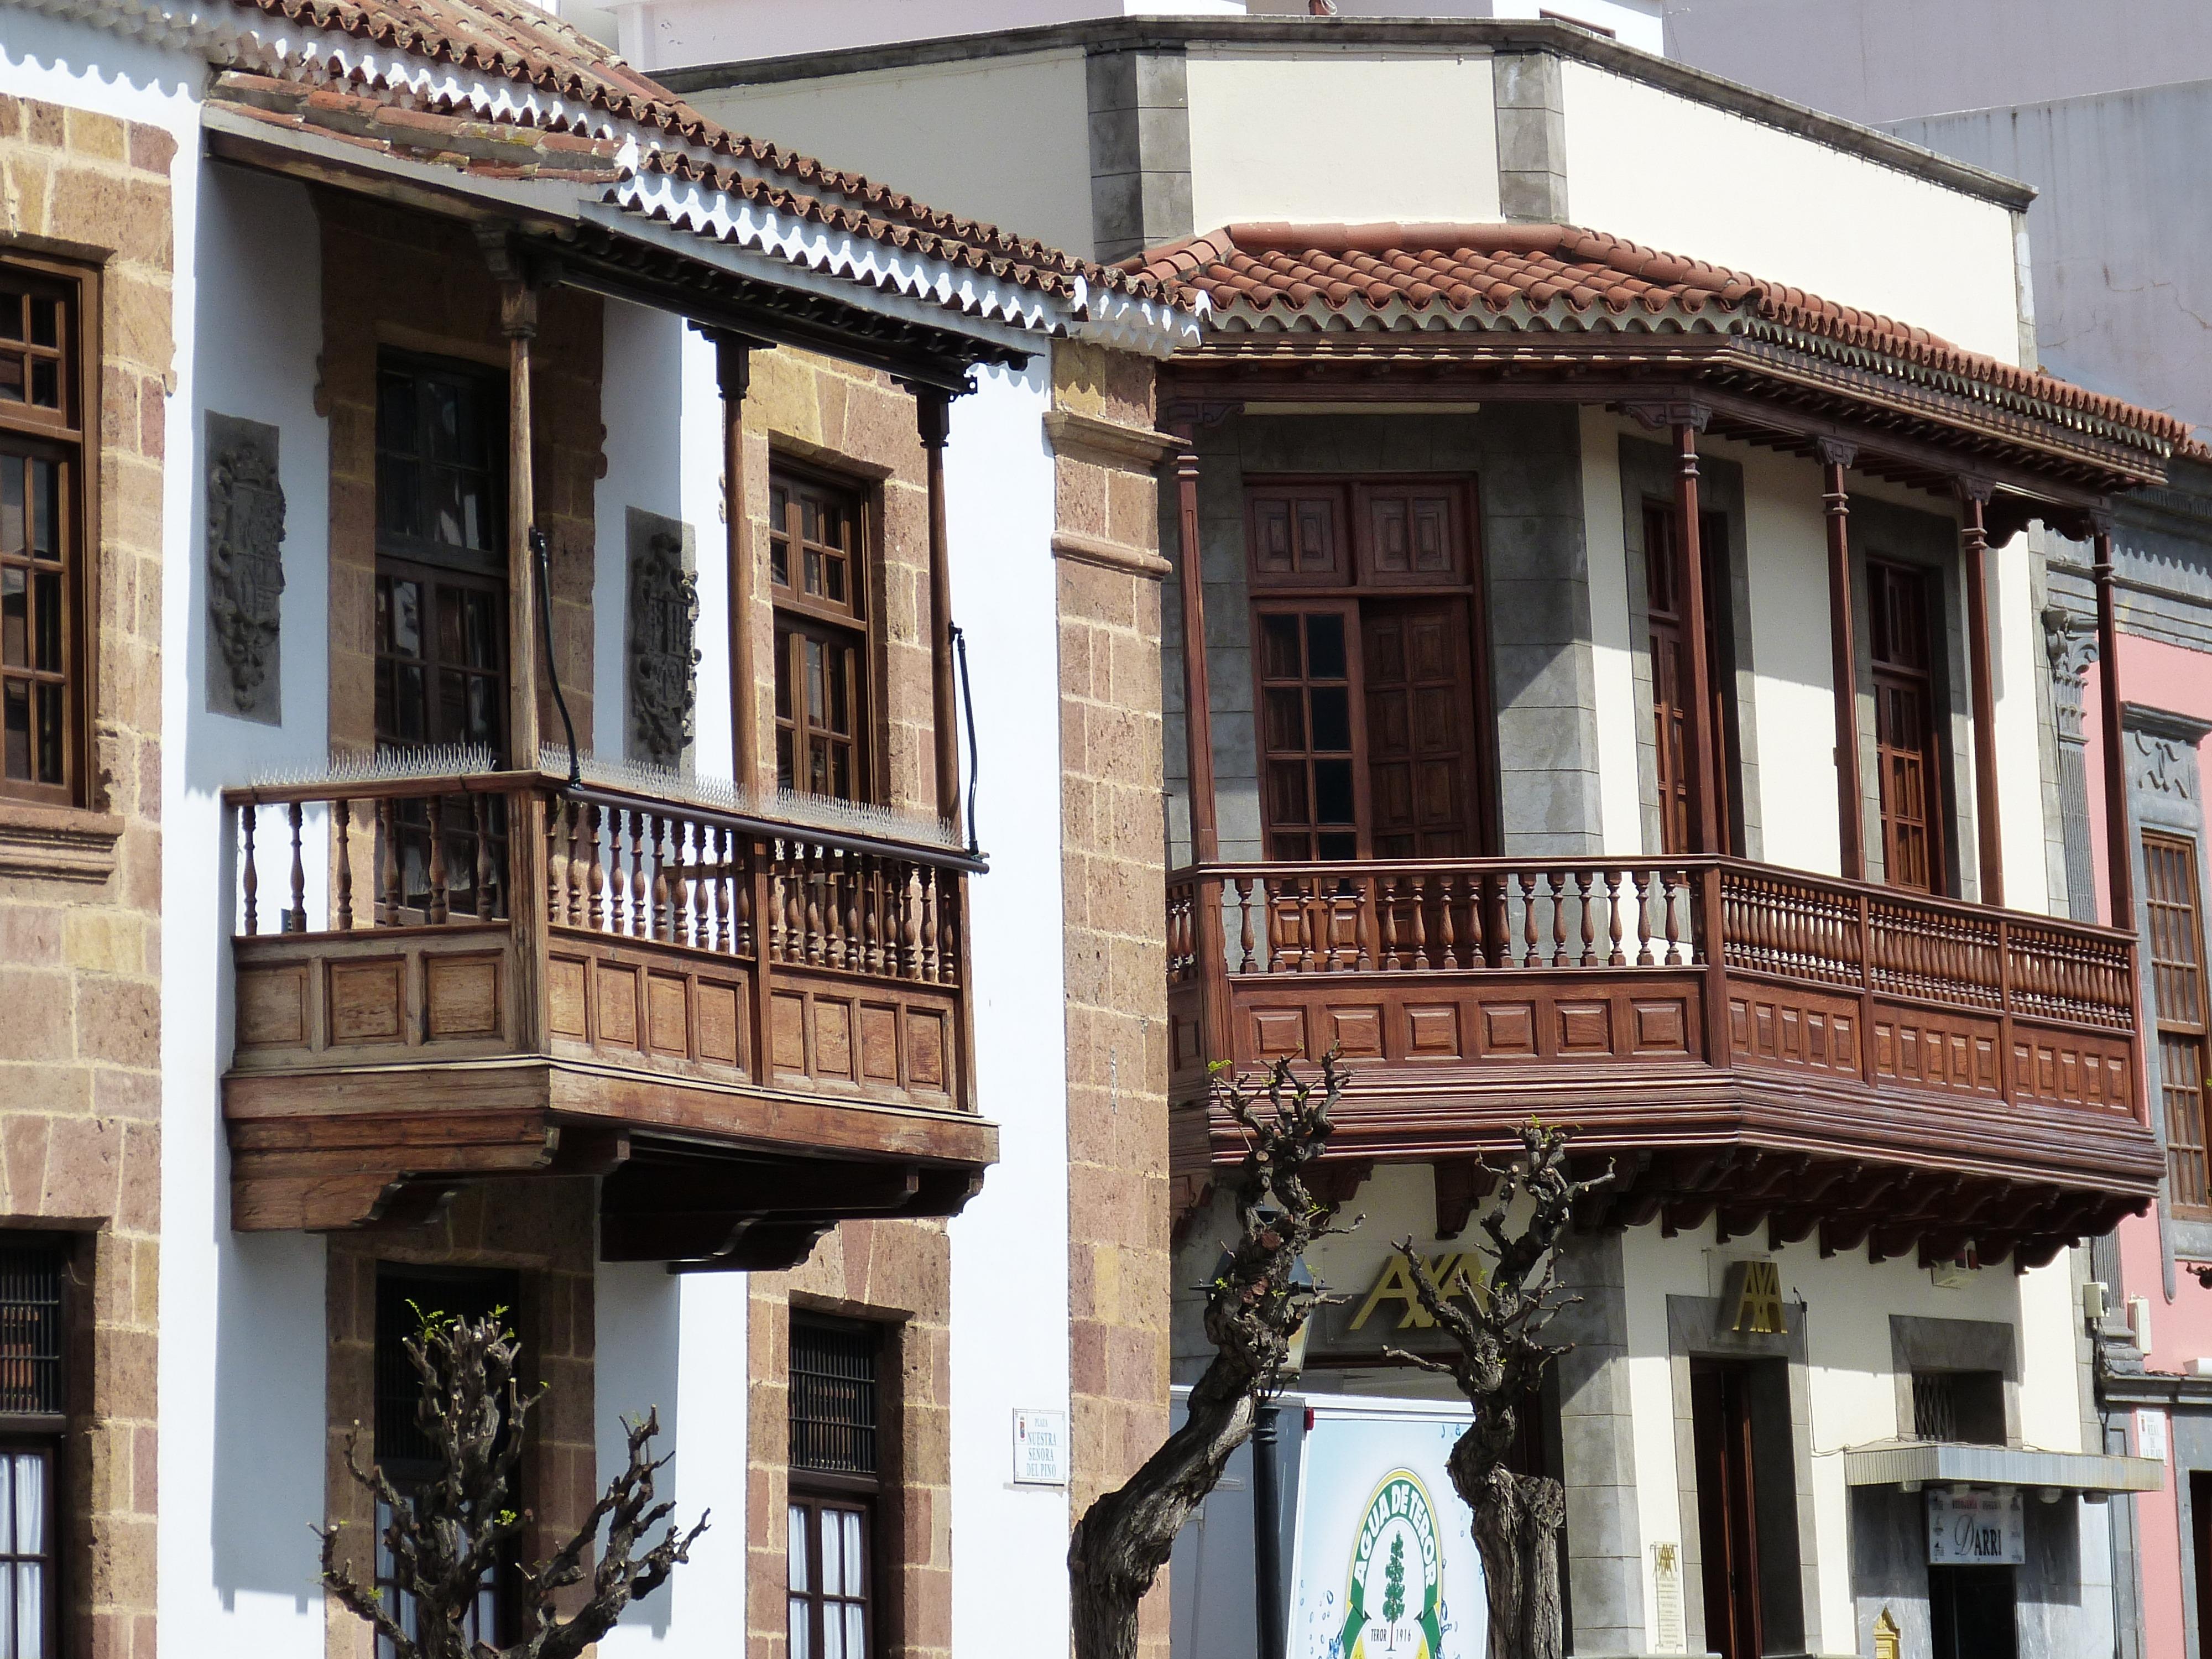 Kostenlose foto die architektur holz villa haus fenster geb ude zuhause veranda balkon - Balkon veranda ...